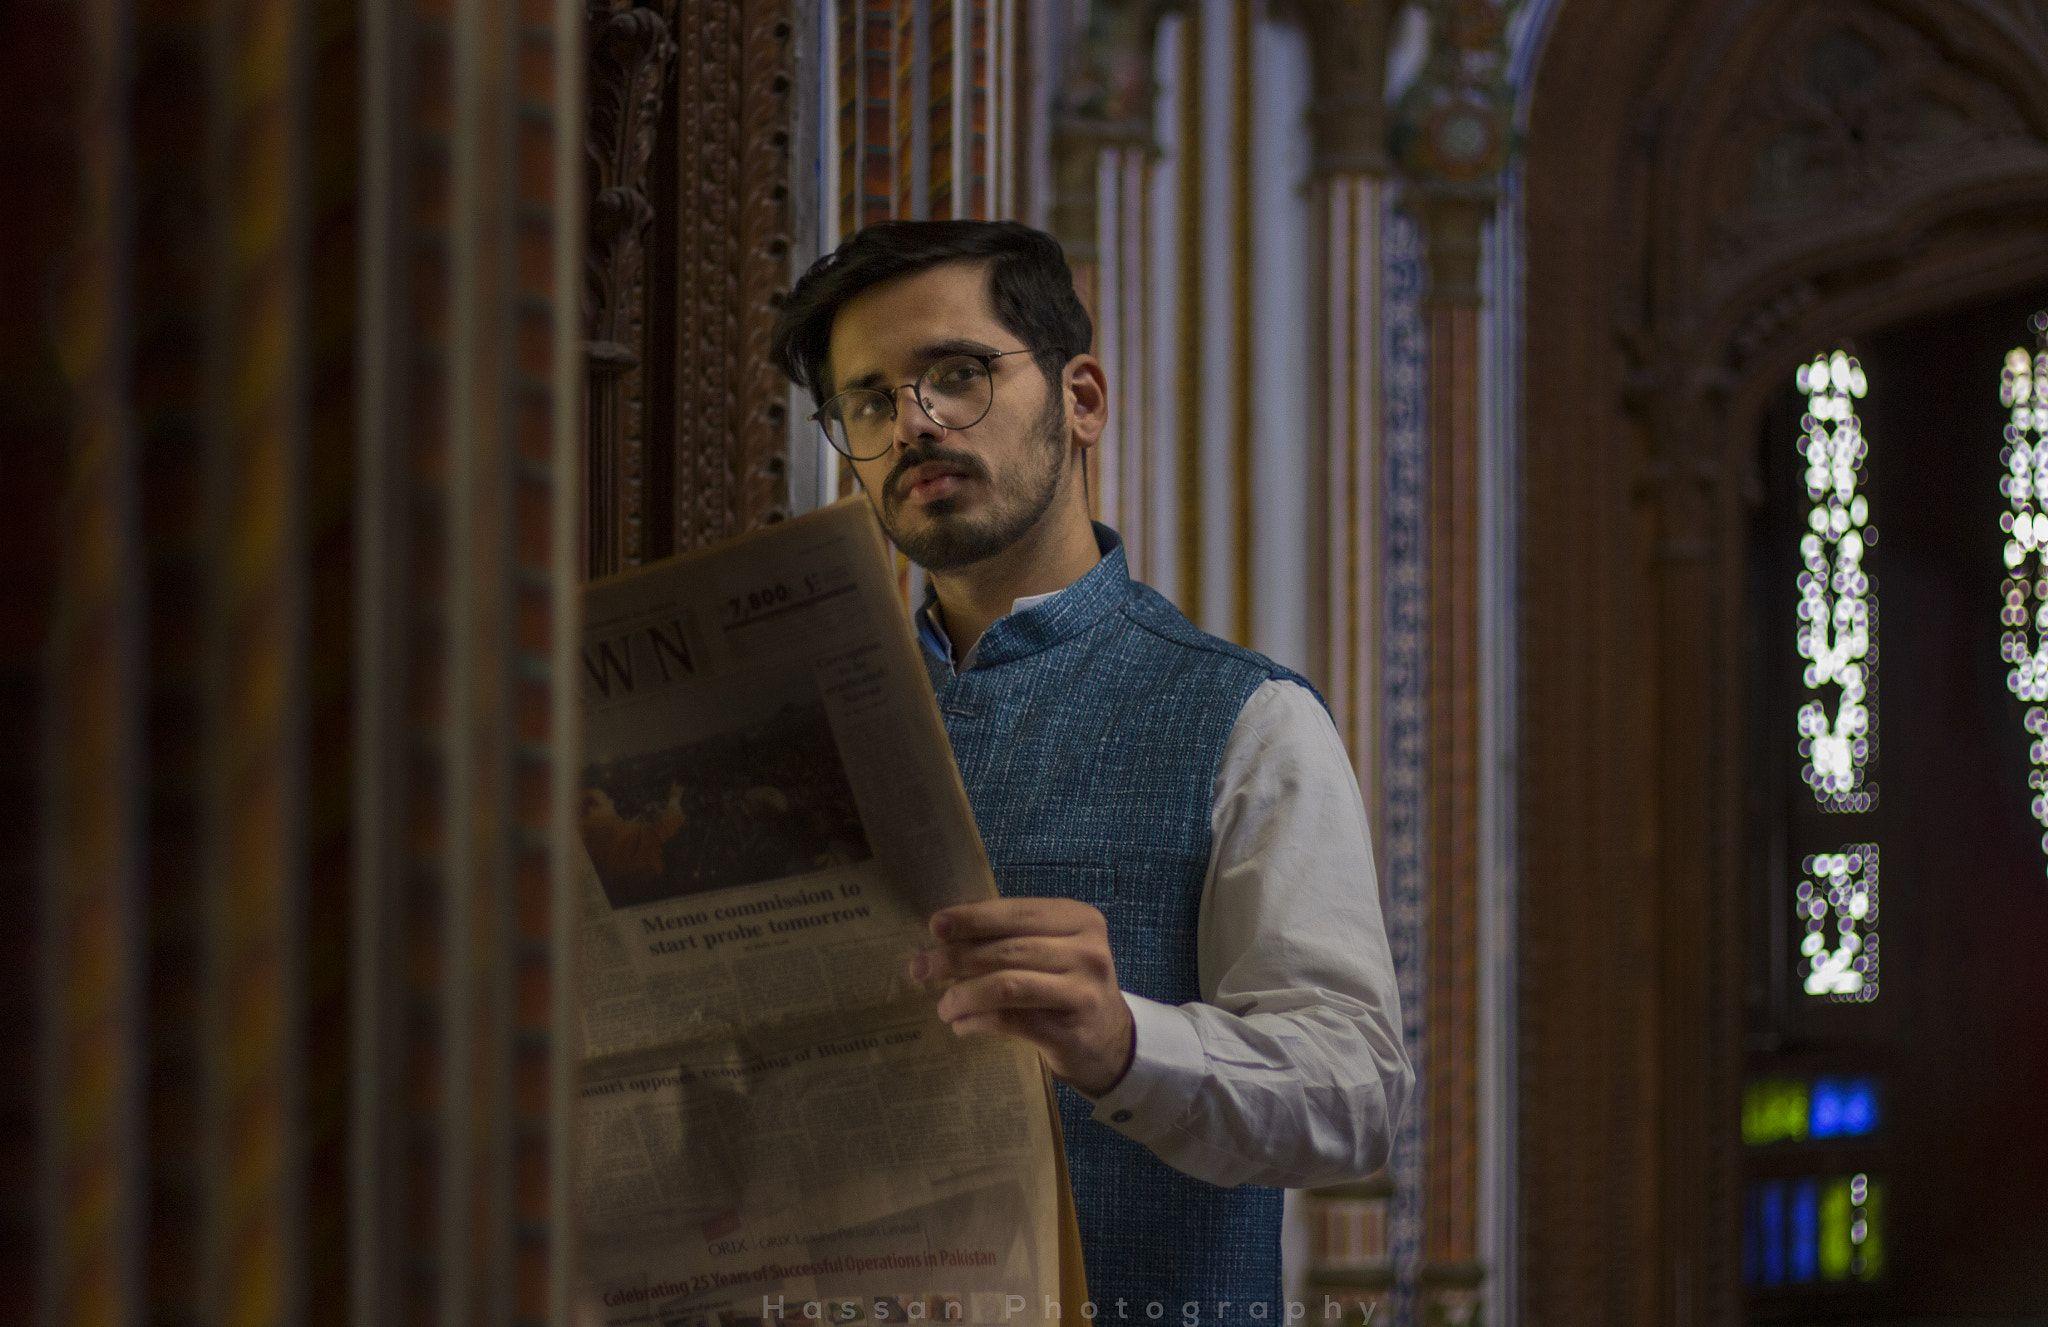 Zeitung er sucht sie